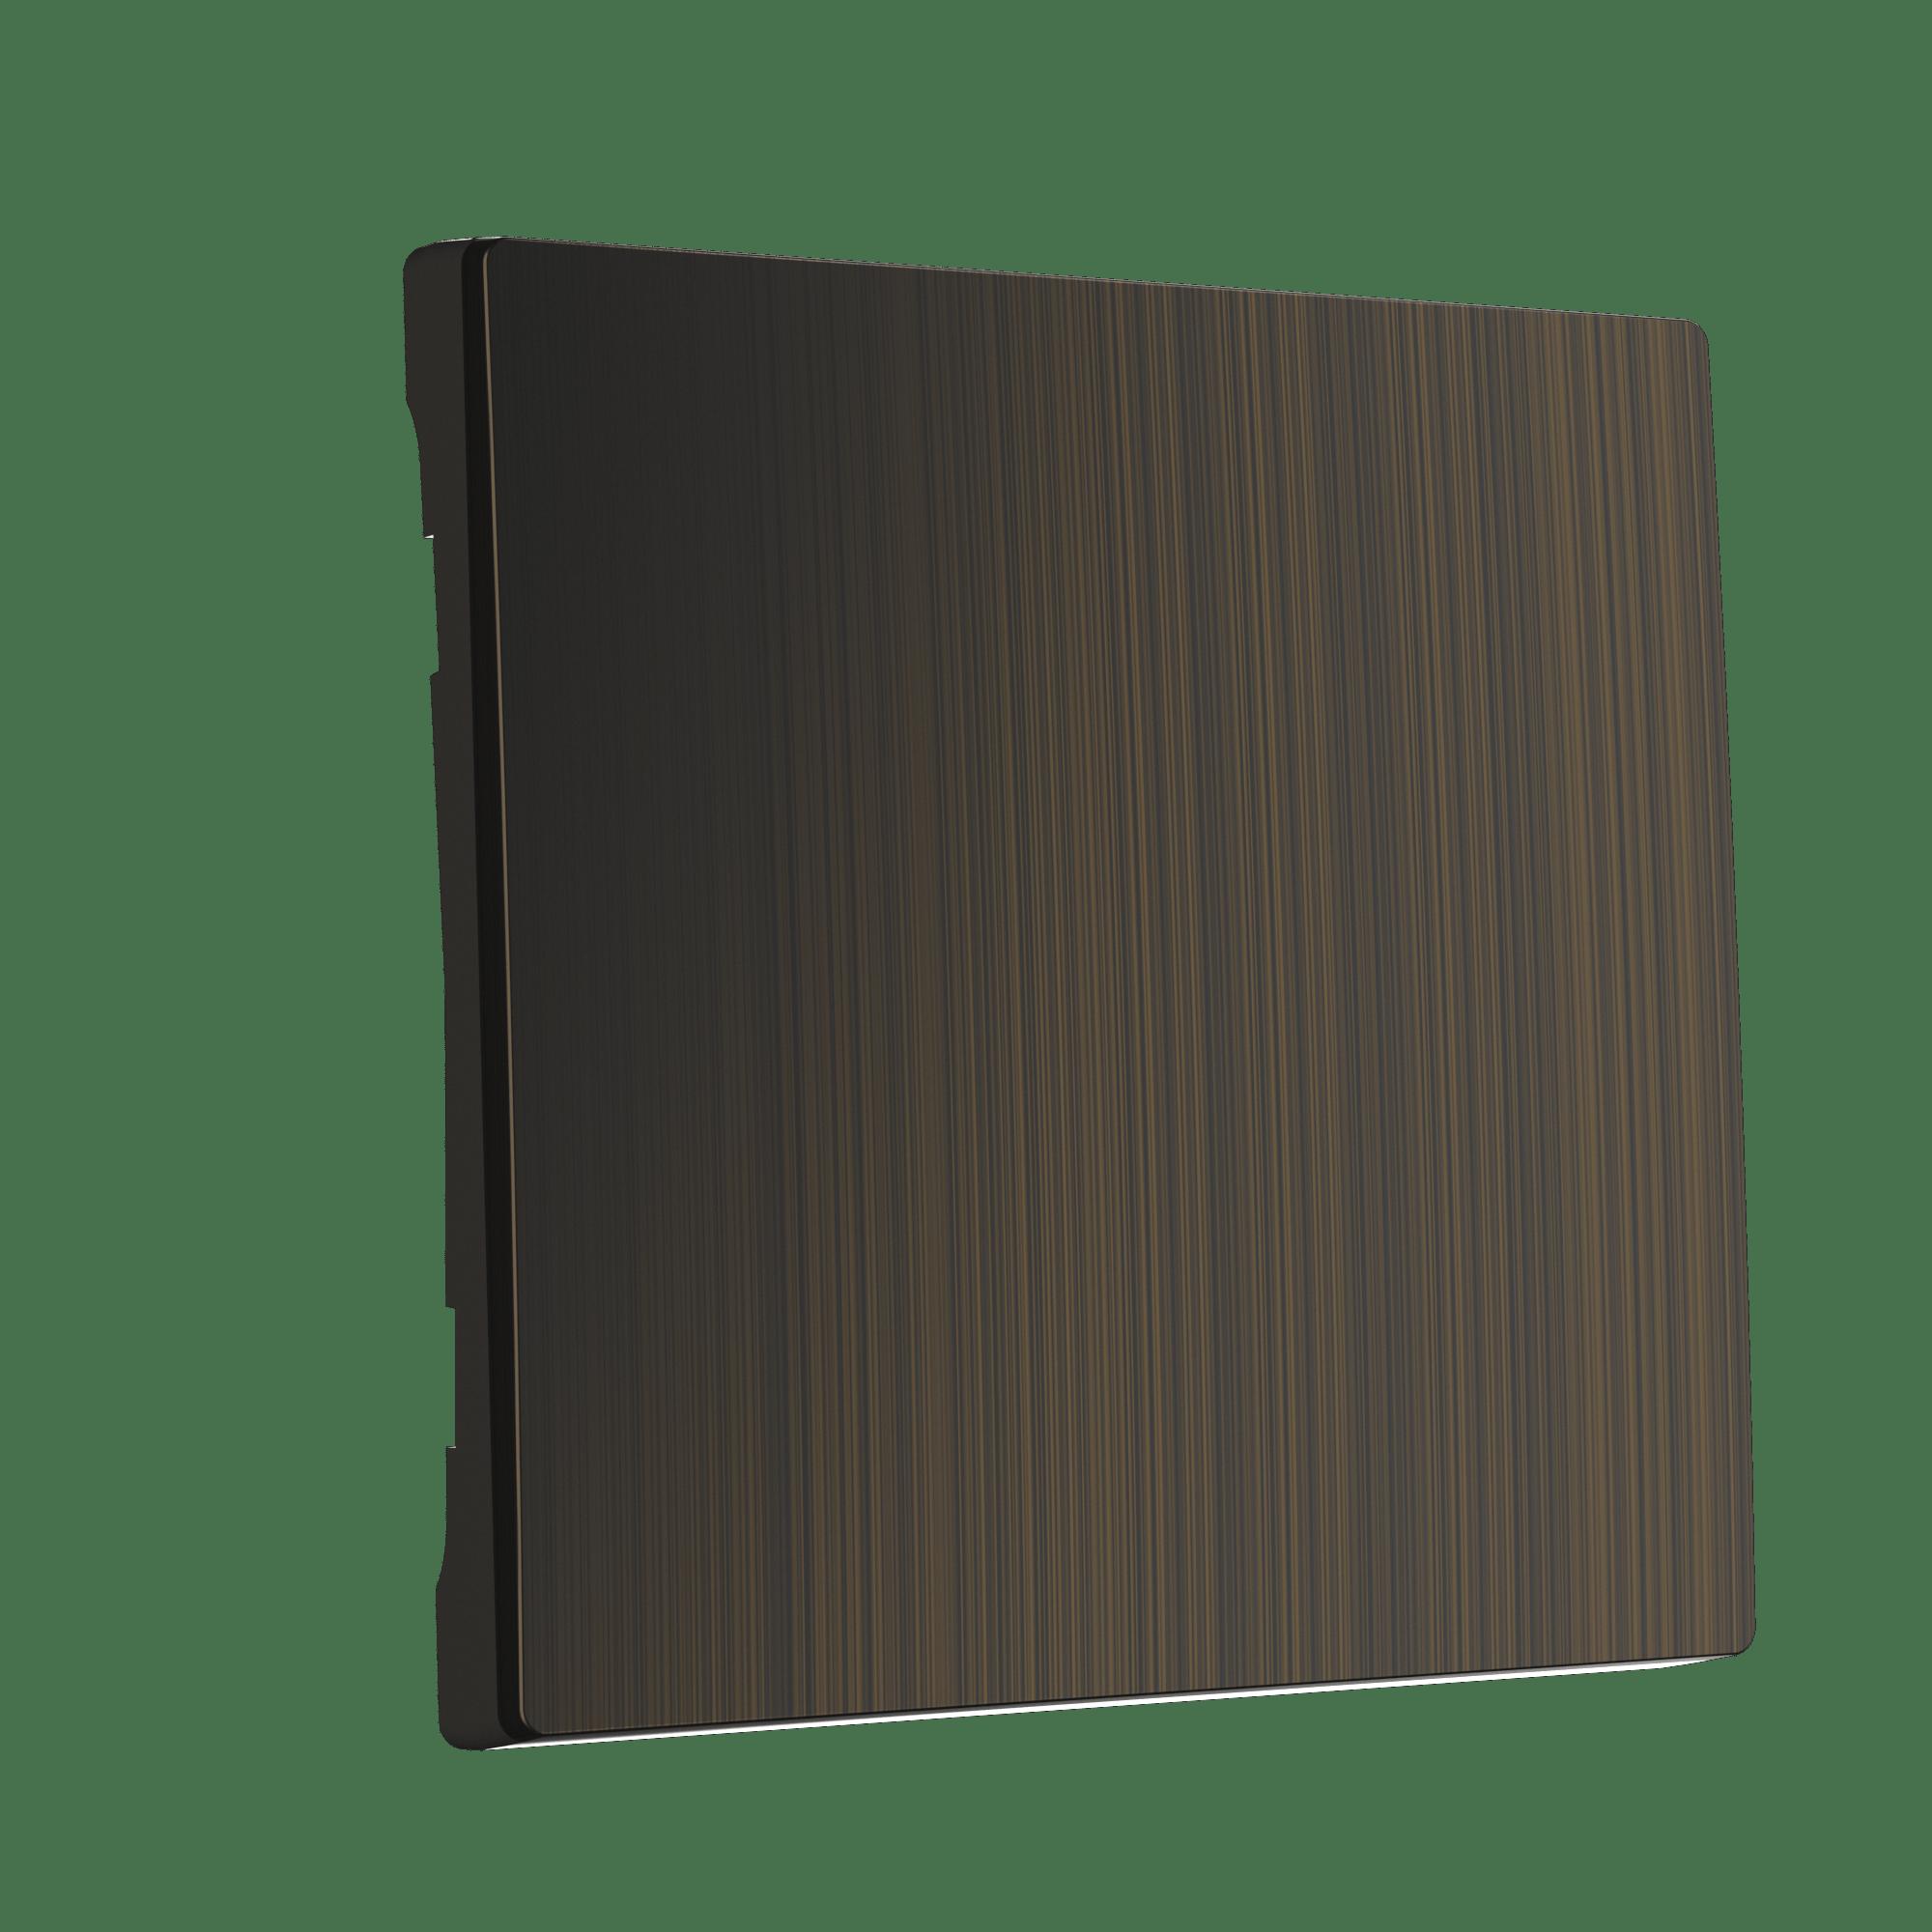 WL12-SW-1G-CP/ Клавиша для выключателя одноклавишного (бронзовый)